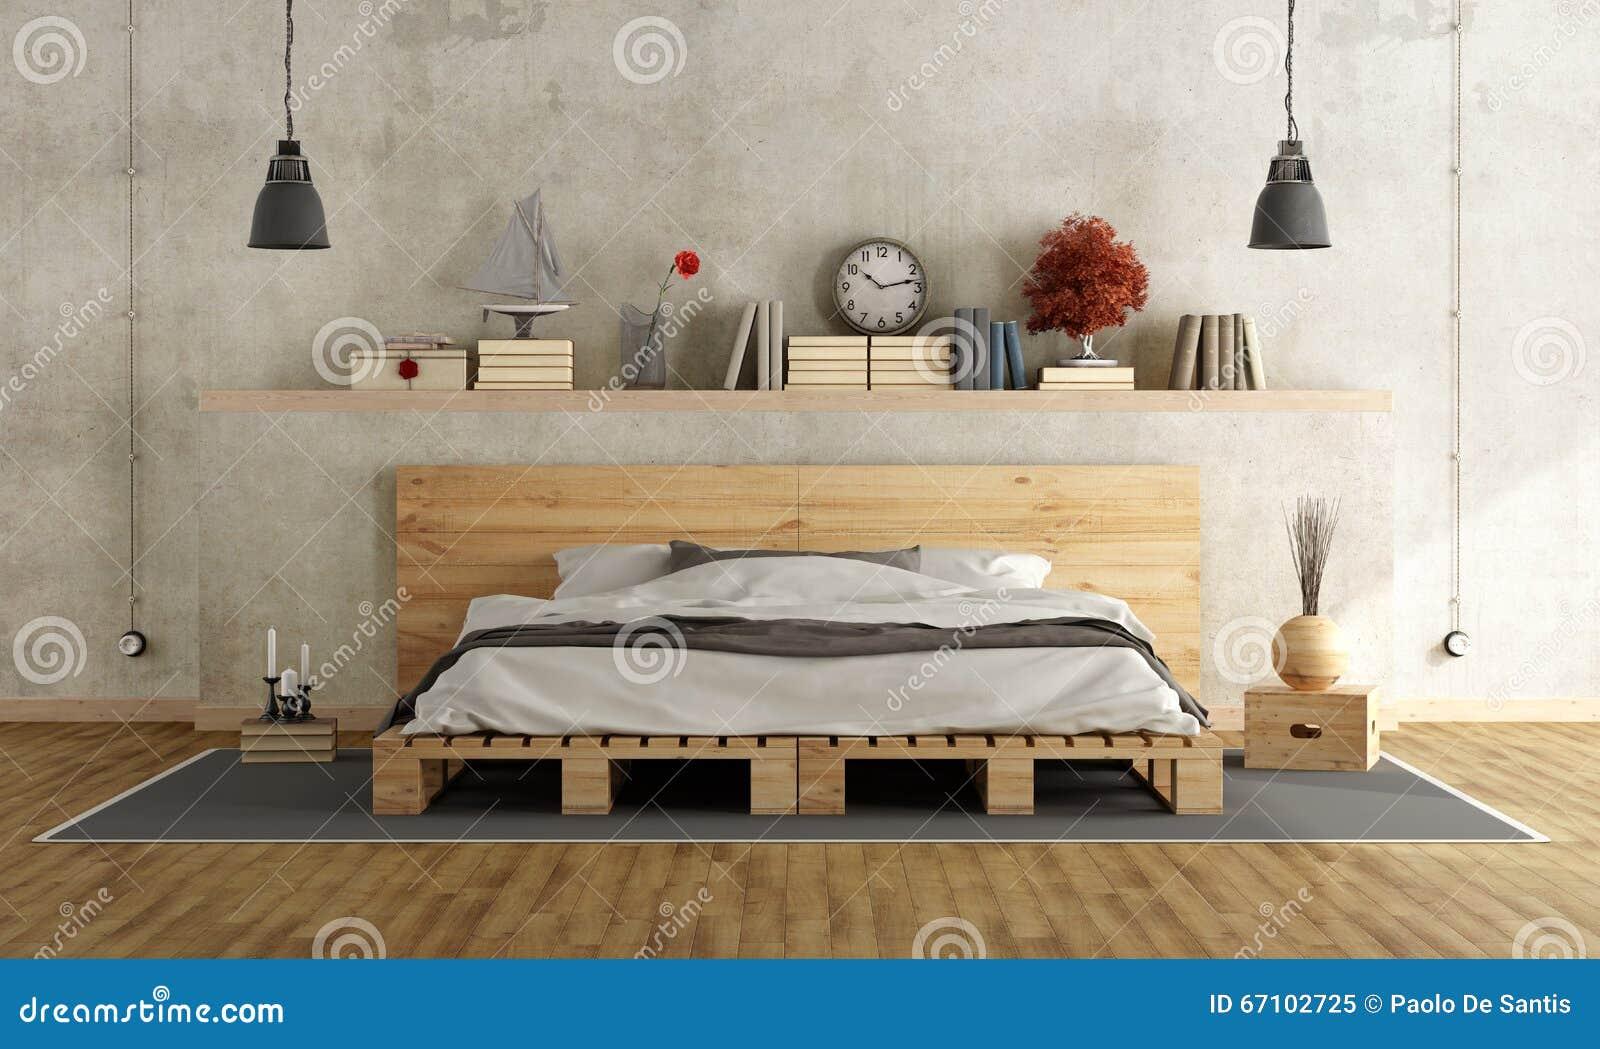 Letti con bancali in legno io82 regardsdefemmes - Camera da letto del papa ...